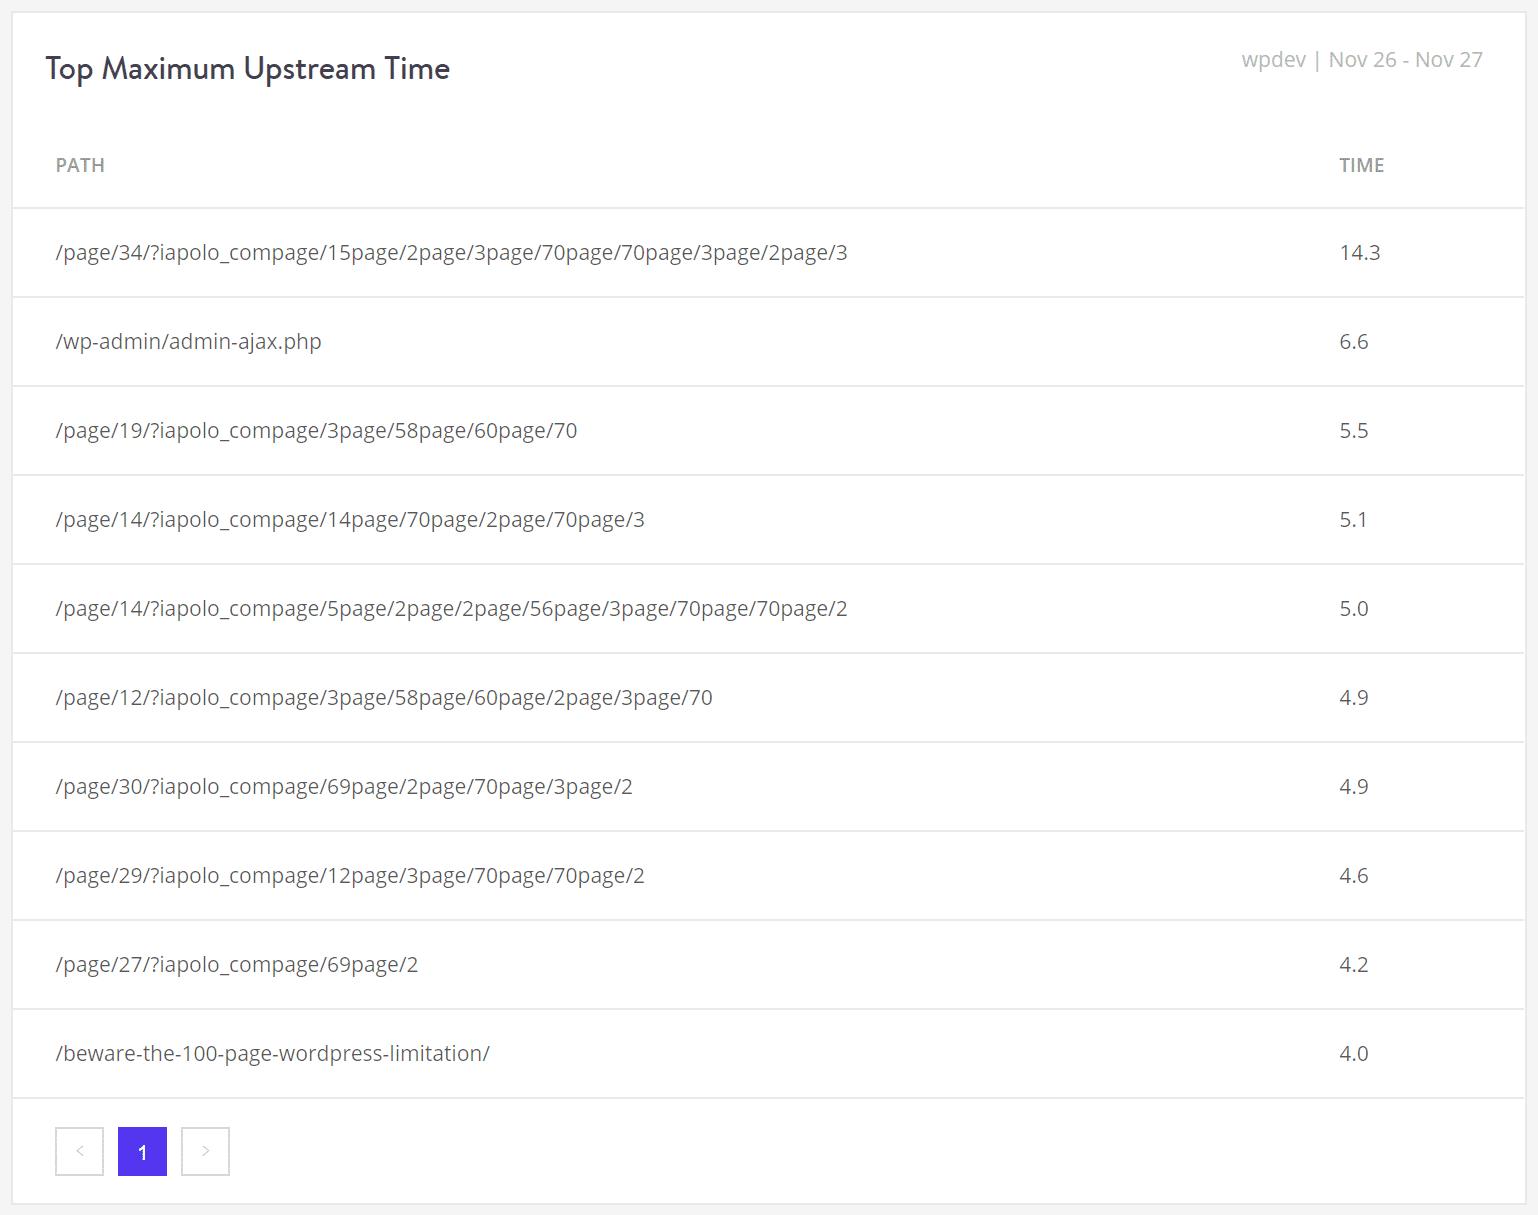 Pパフォーマンス:最大アップストリーム時間のトップリスト